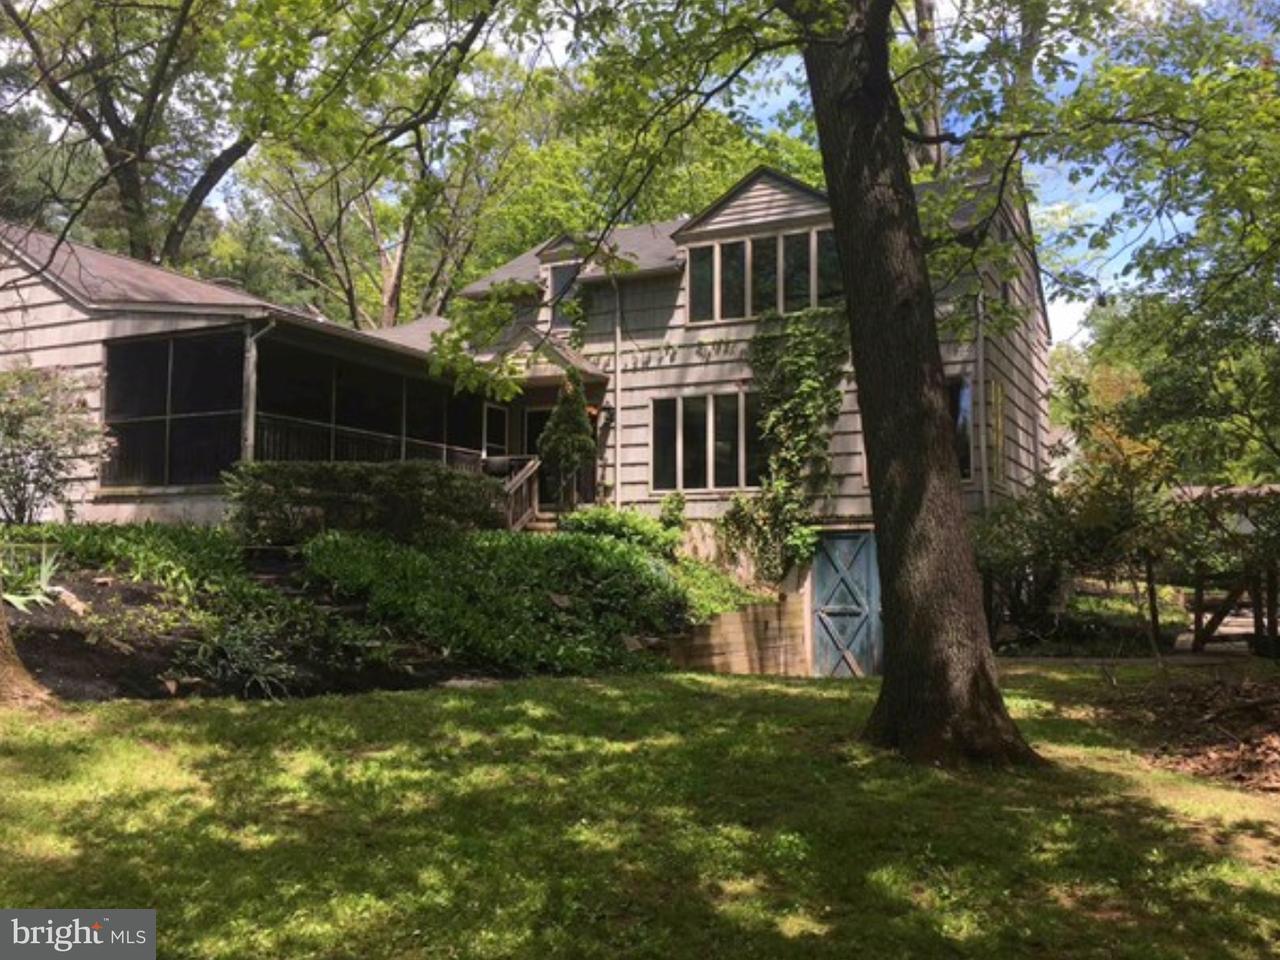 Частный односемейный дом для того Продажа на 34 MADDOCK Road Titusville, Нью-Джерси 08560 Соединенные ШтатыВ/Около: Hopewell Township